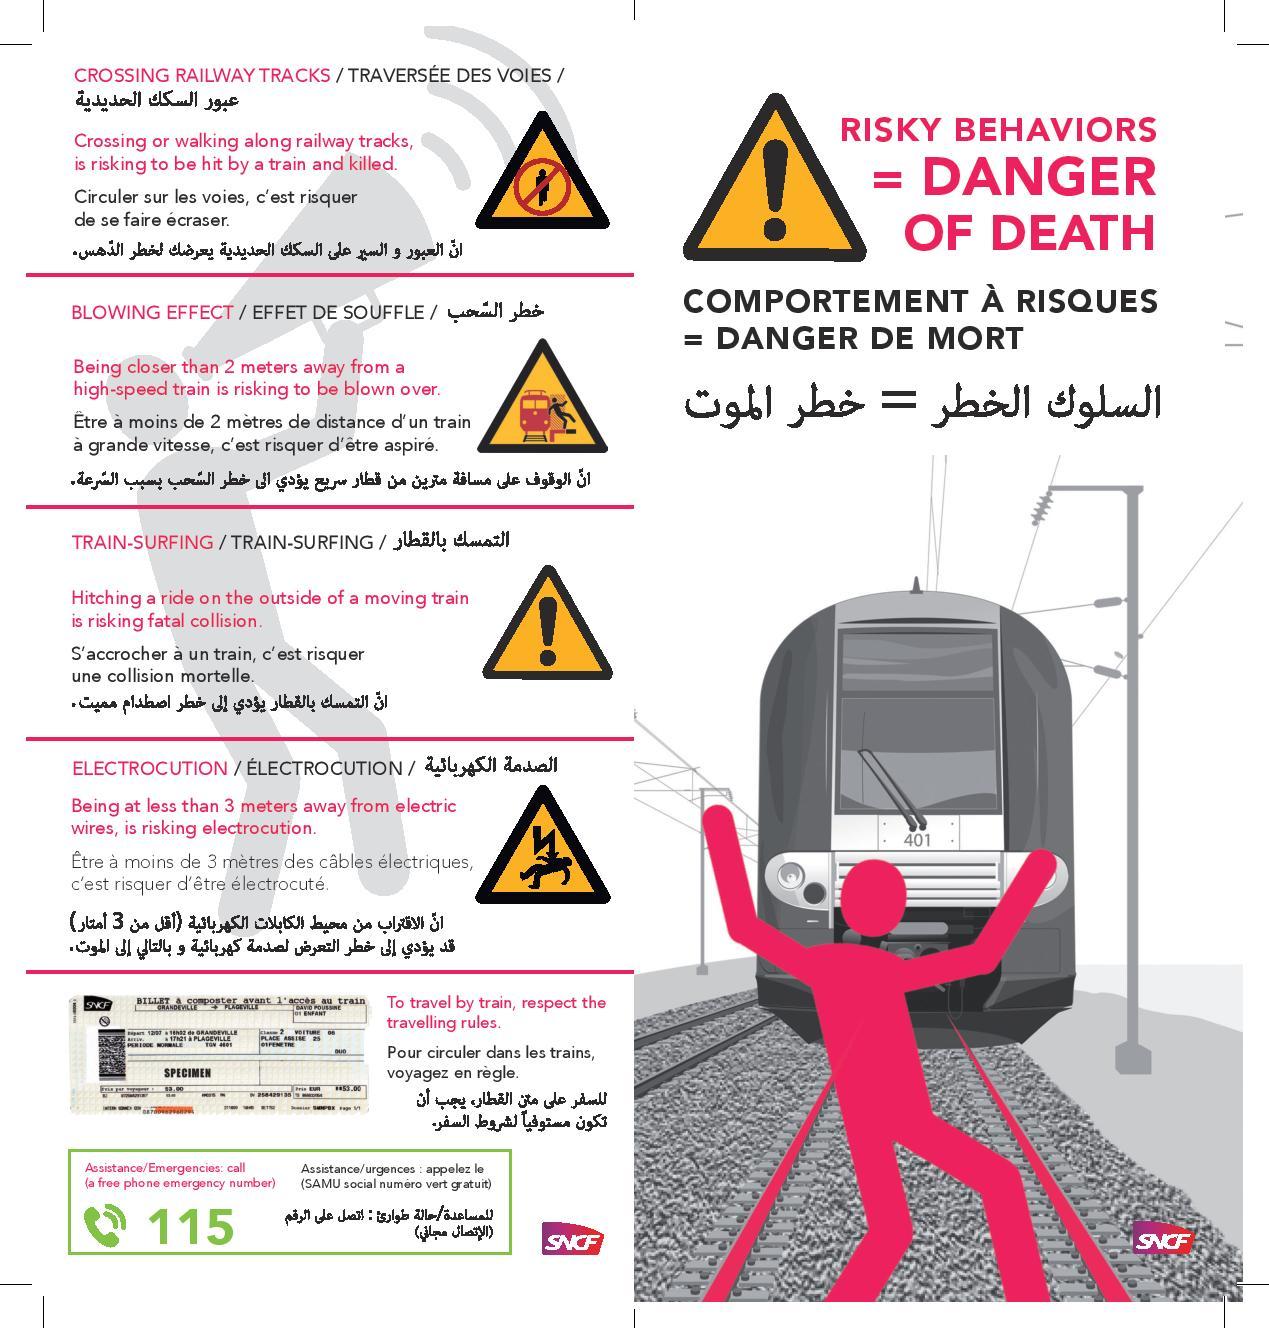 Le avvertenze pubblicate dalla Sncf, le ferrovie francesi, nel tentativo di evitare gli incidenti mortali che coinvolgono i migranti (Sncf)